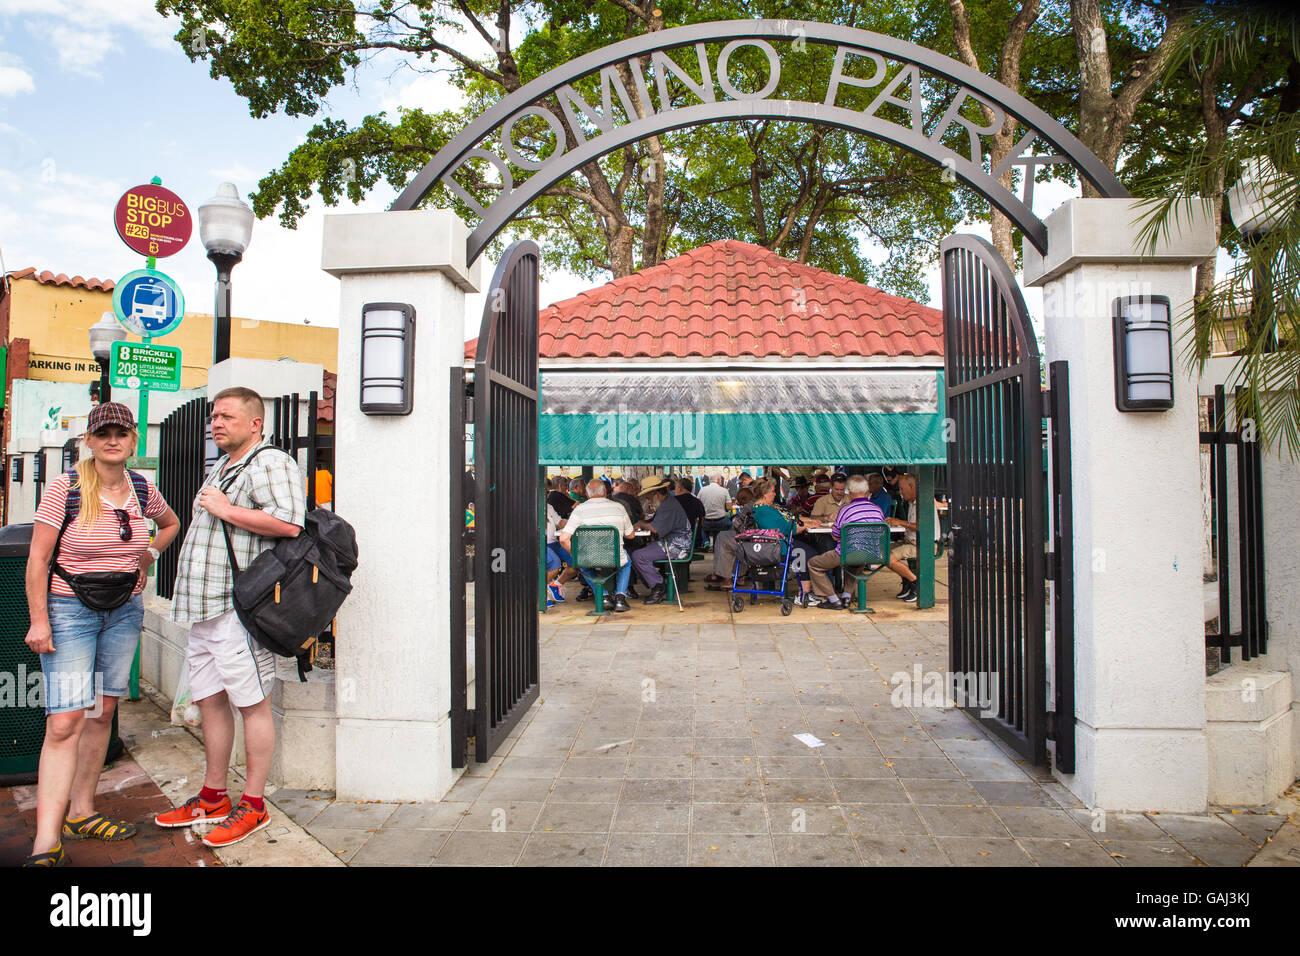 MIAMI, FLORIDA - Aprile 25, 2016: i giocatori a Domino storico parco lungo Calle Ocho in Little Havana. Immagini Stock